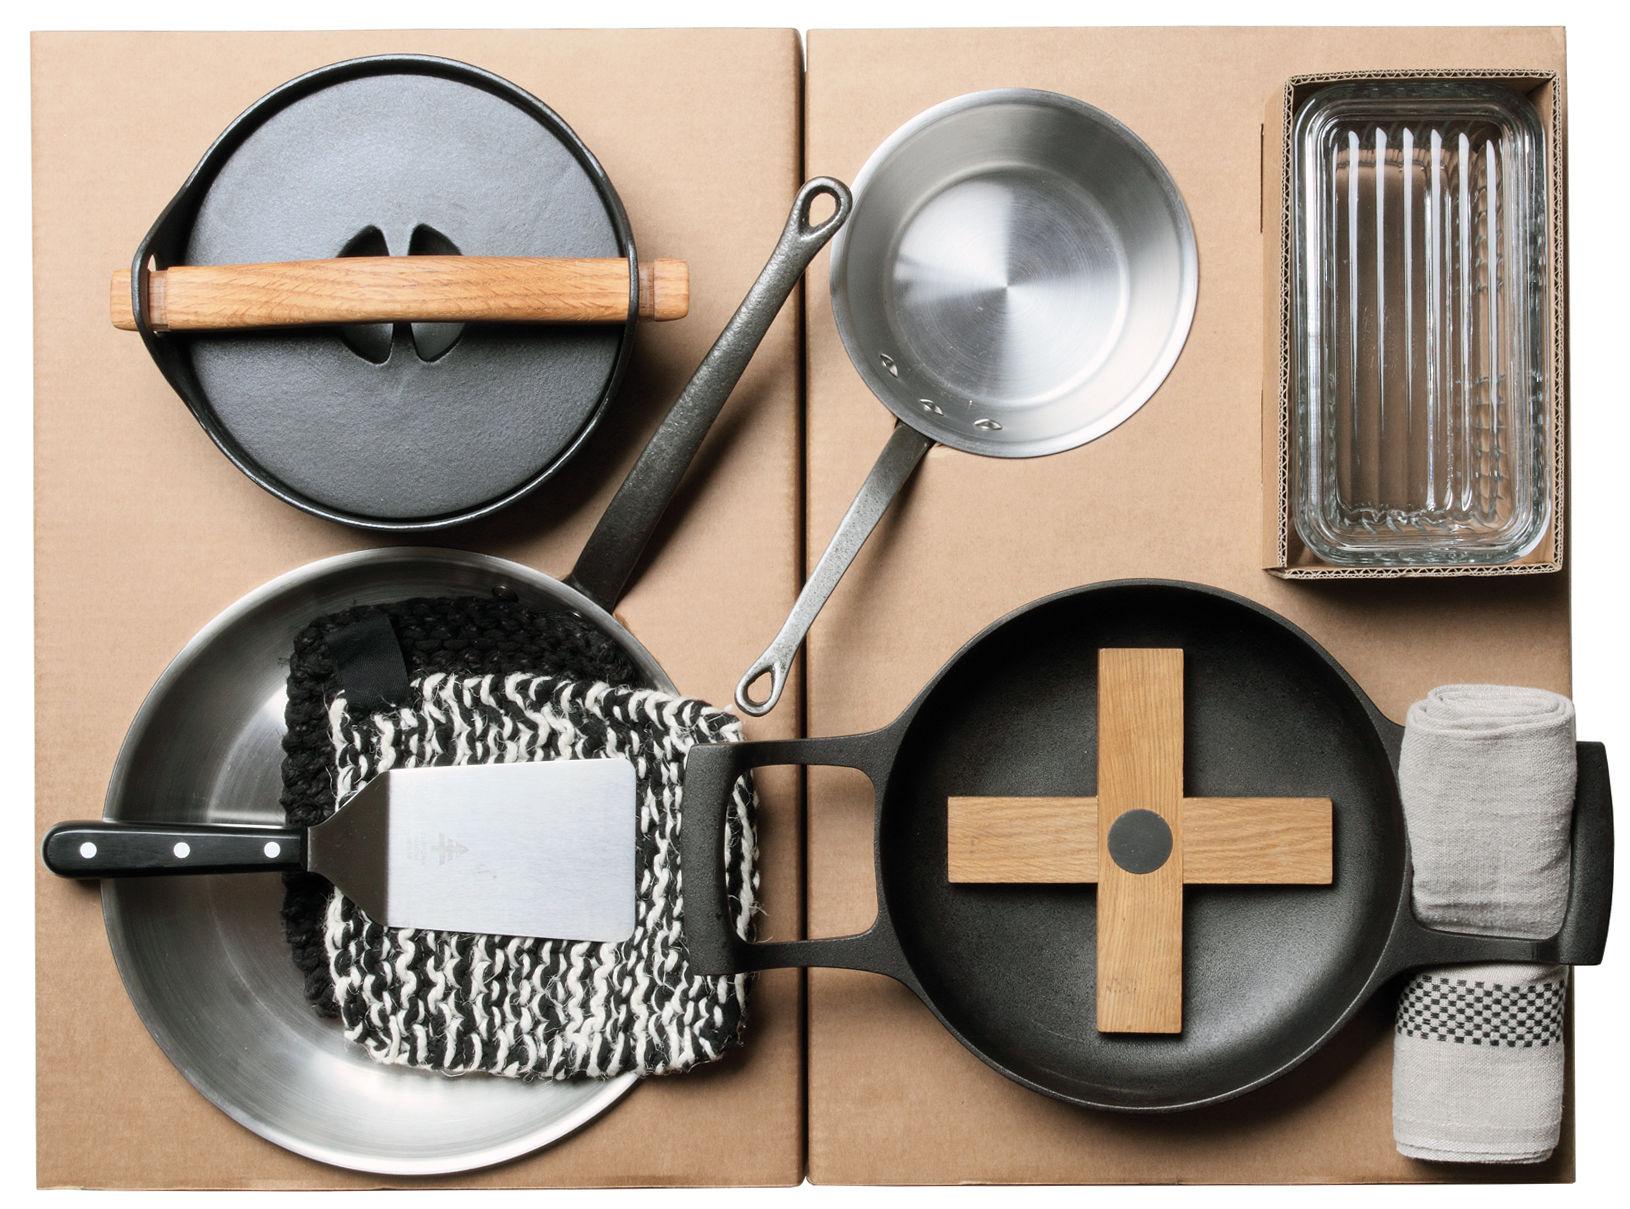 set ustensiles de cuisine malle w trousseau complet 43 pi ces d coupe cuisson et. Black Bedroom Furniture Sets. Home Design Ideas